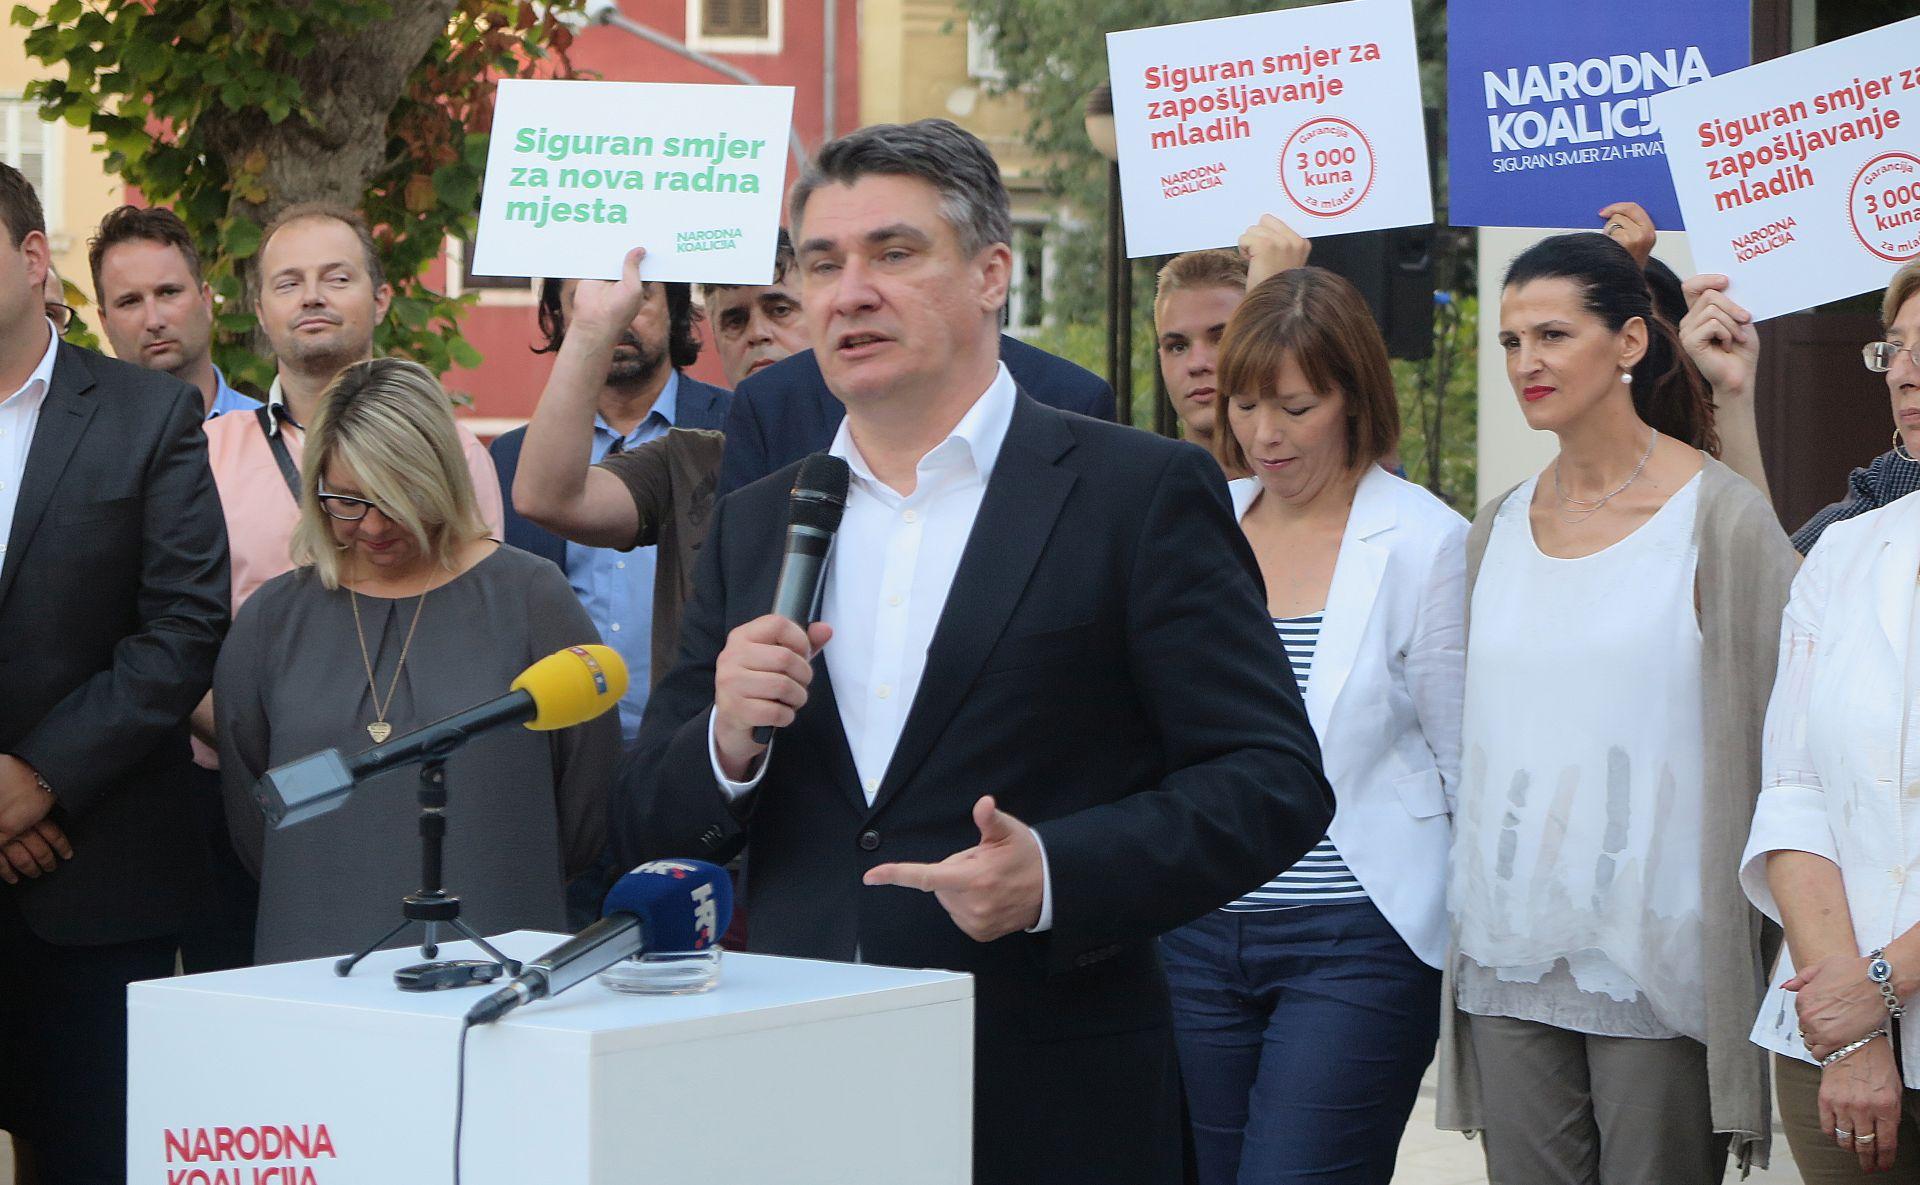 NAKON OBJAVE SNIMKE Milanović: 'Ne vidim što je tu sporno jer ja sam to već rekao u debati s Plenkovićem'